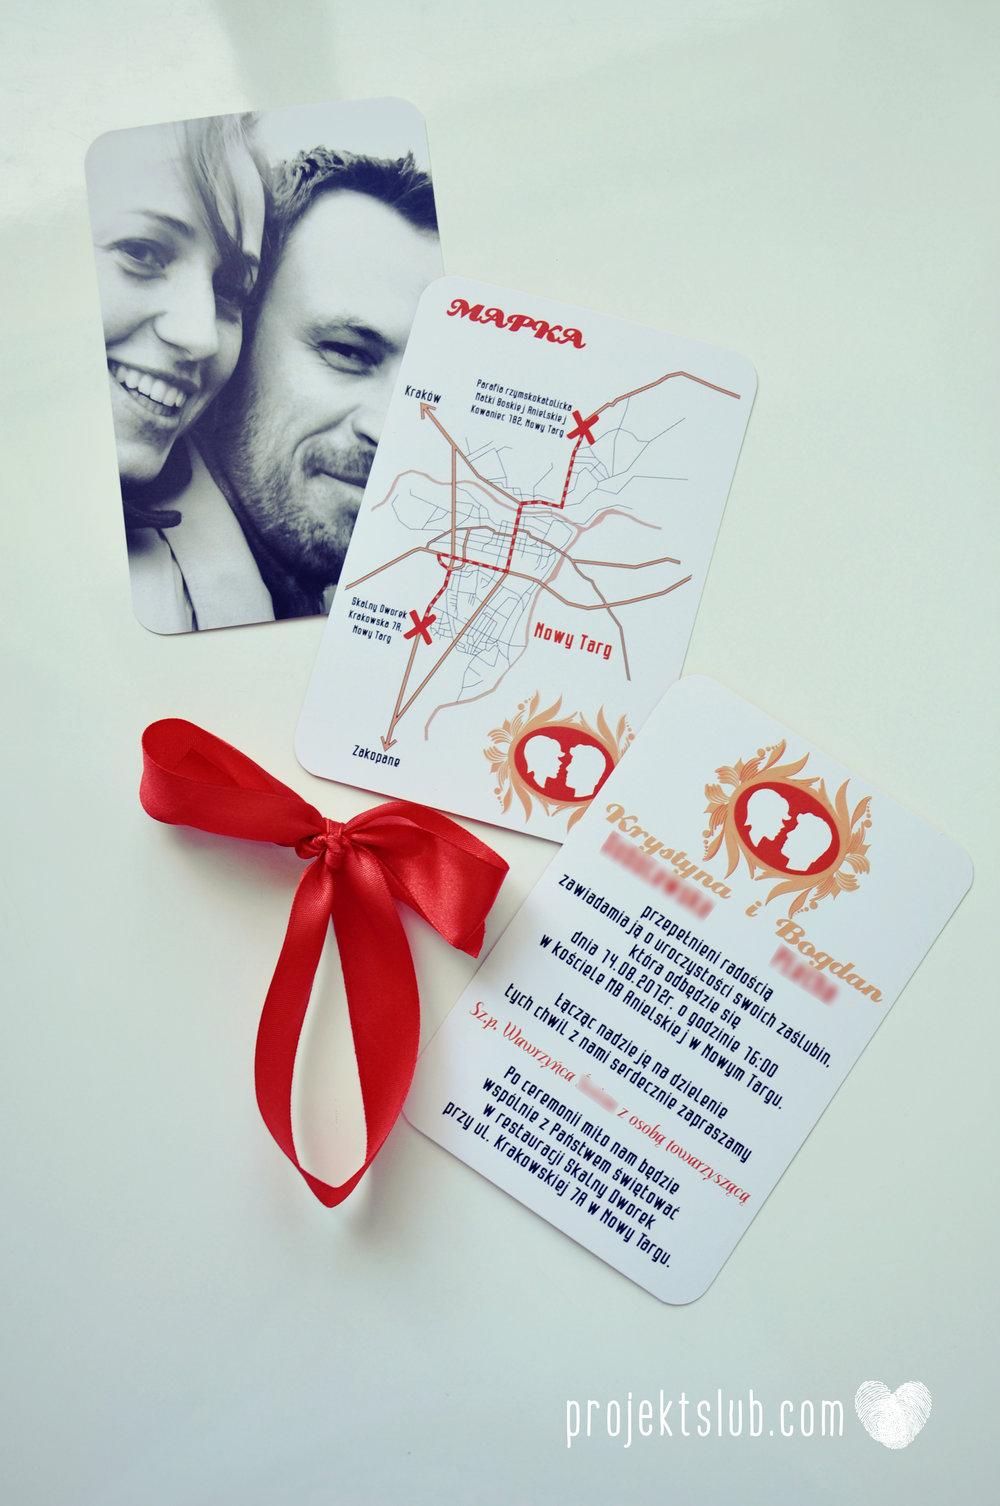 Oryginalne zaproszenie ślubne z kameą czerwone ze wstążką i zdjęciem narzeczonych wyjątkowy design elegancka grafika Czerwień Kamei Projekt Ślub (12).jpg